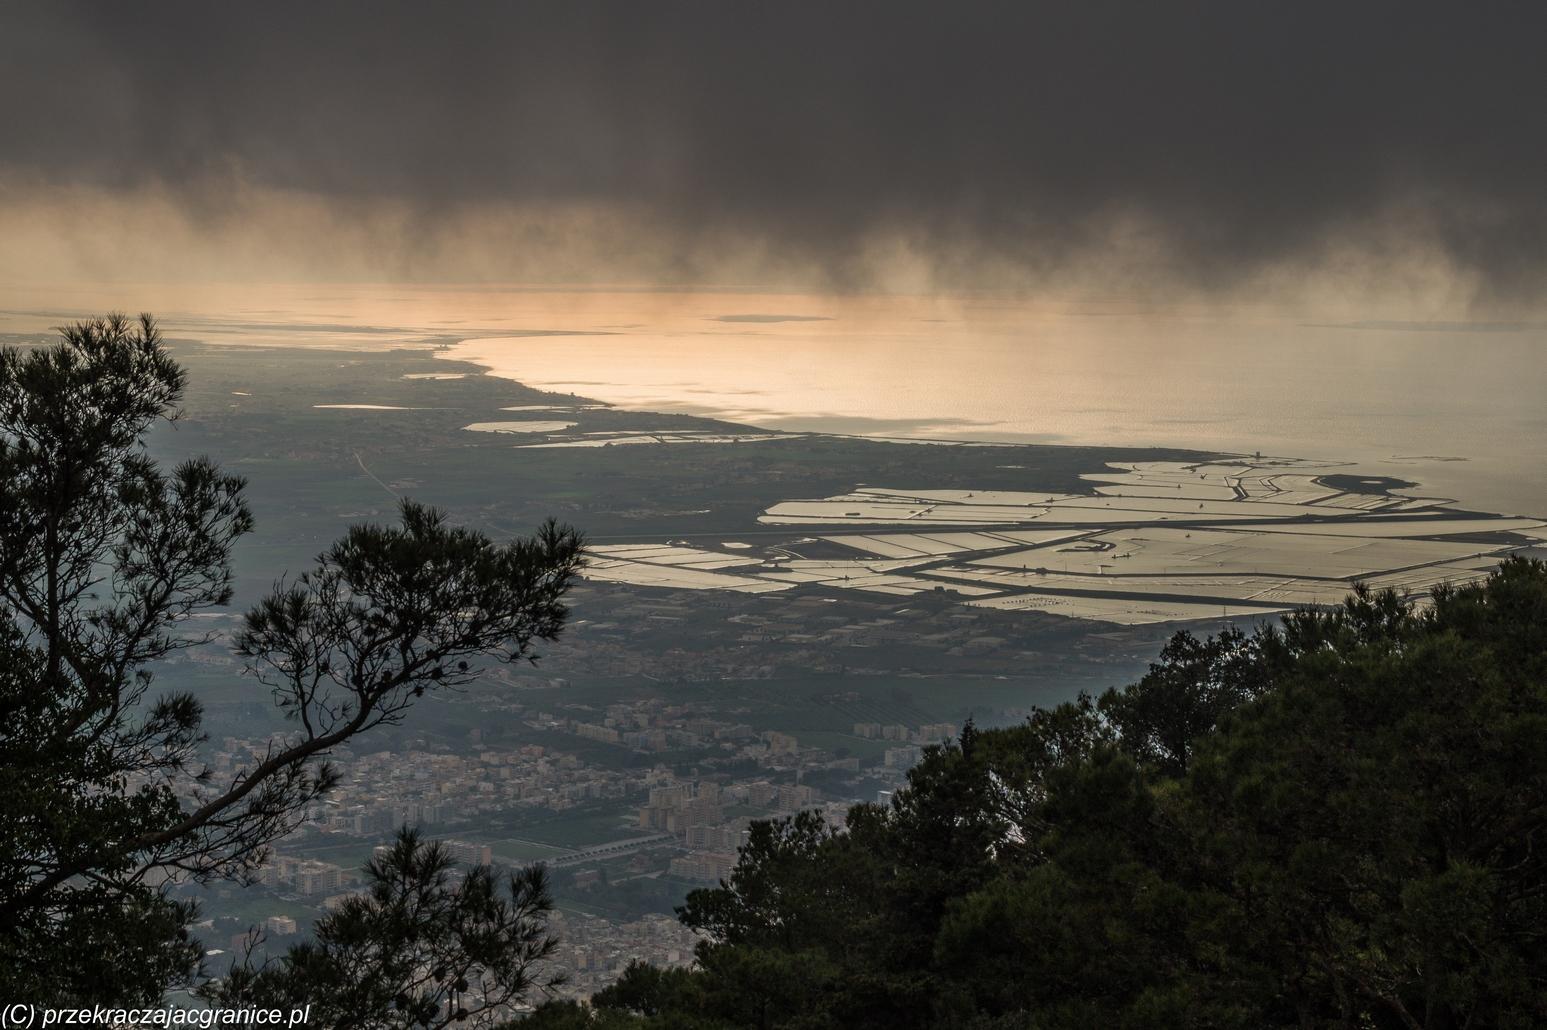 sycylia informacje praktyczne - saliny chmury panorama